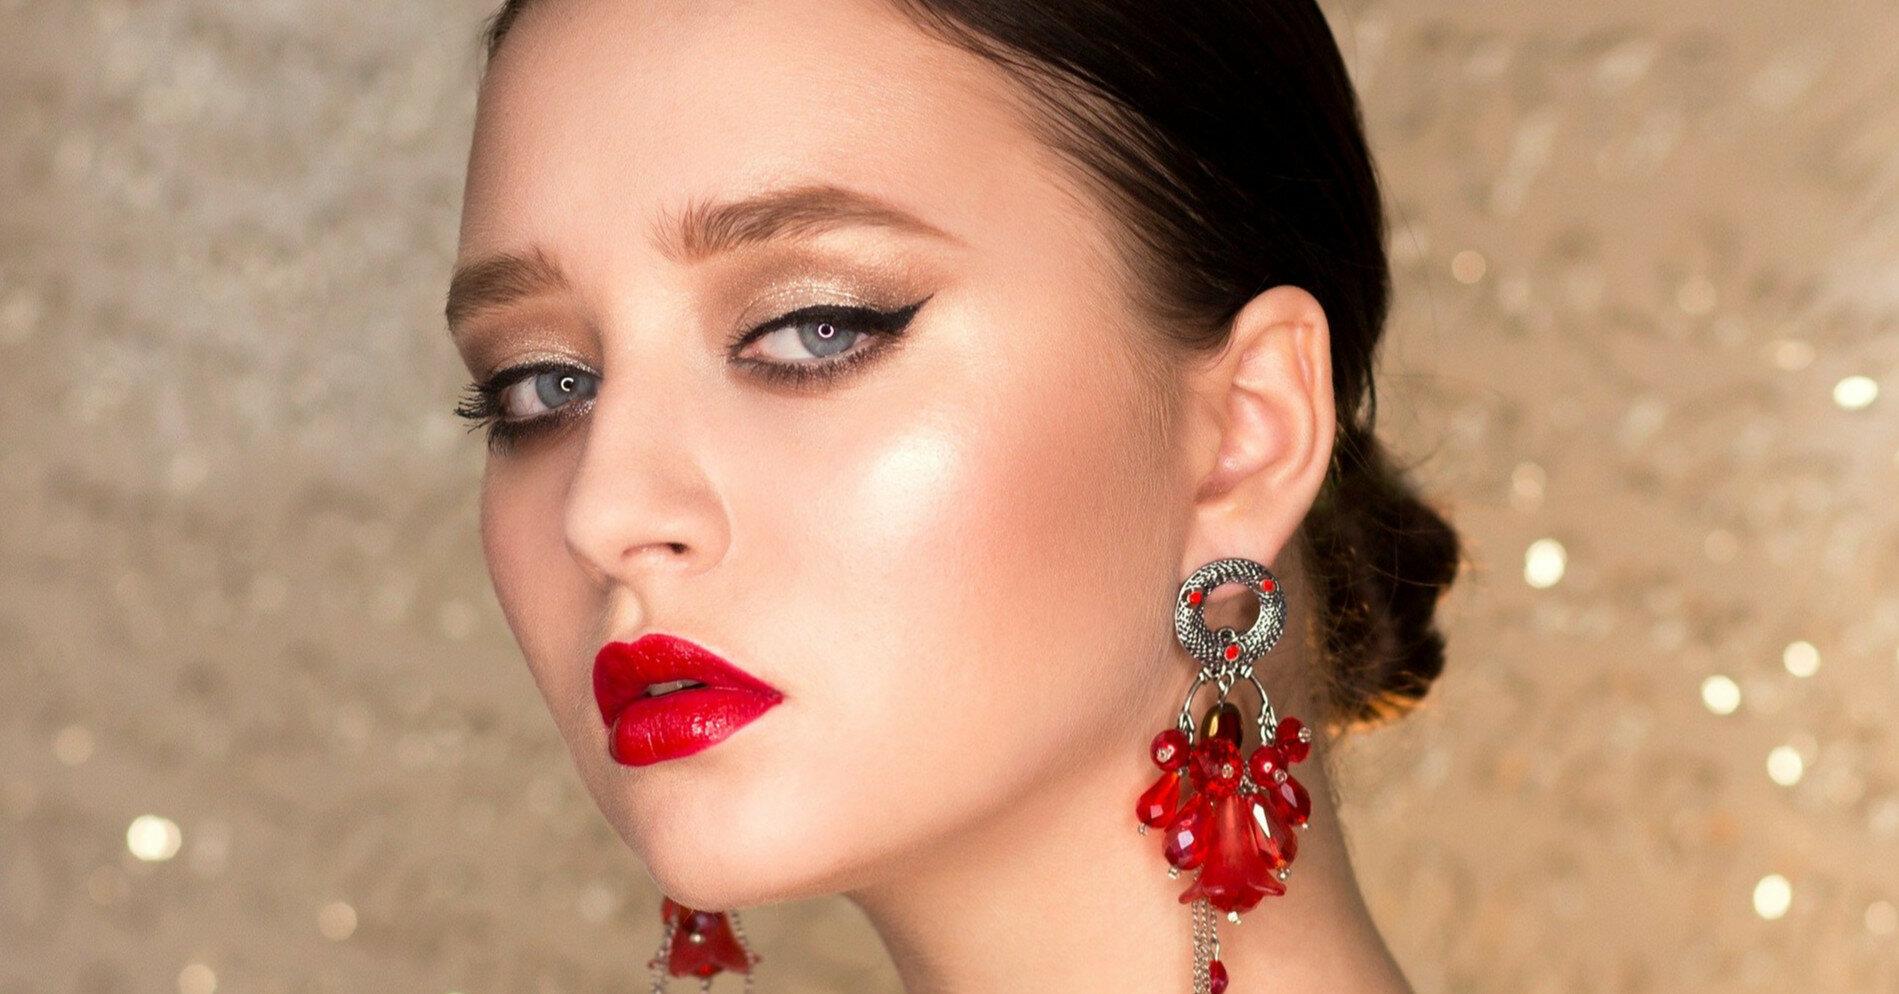 Модный макияж на лето 2021: названы главные тренды